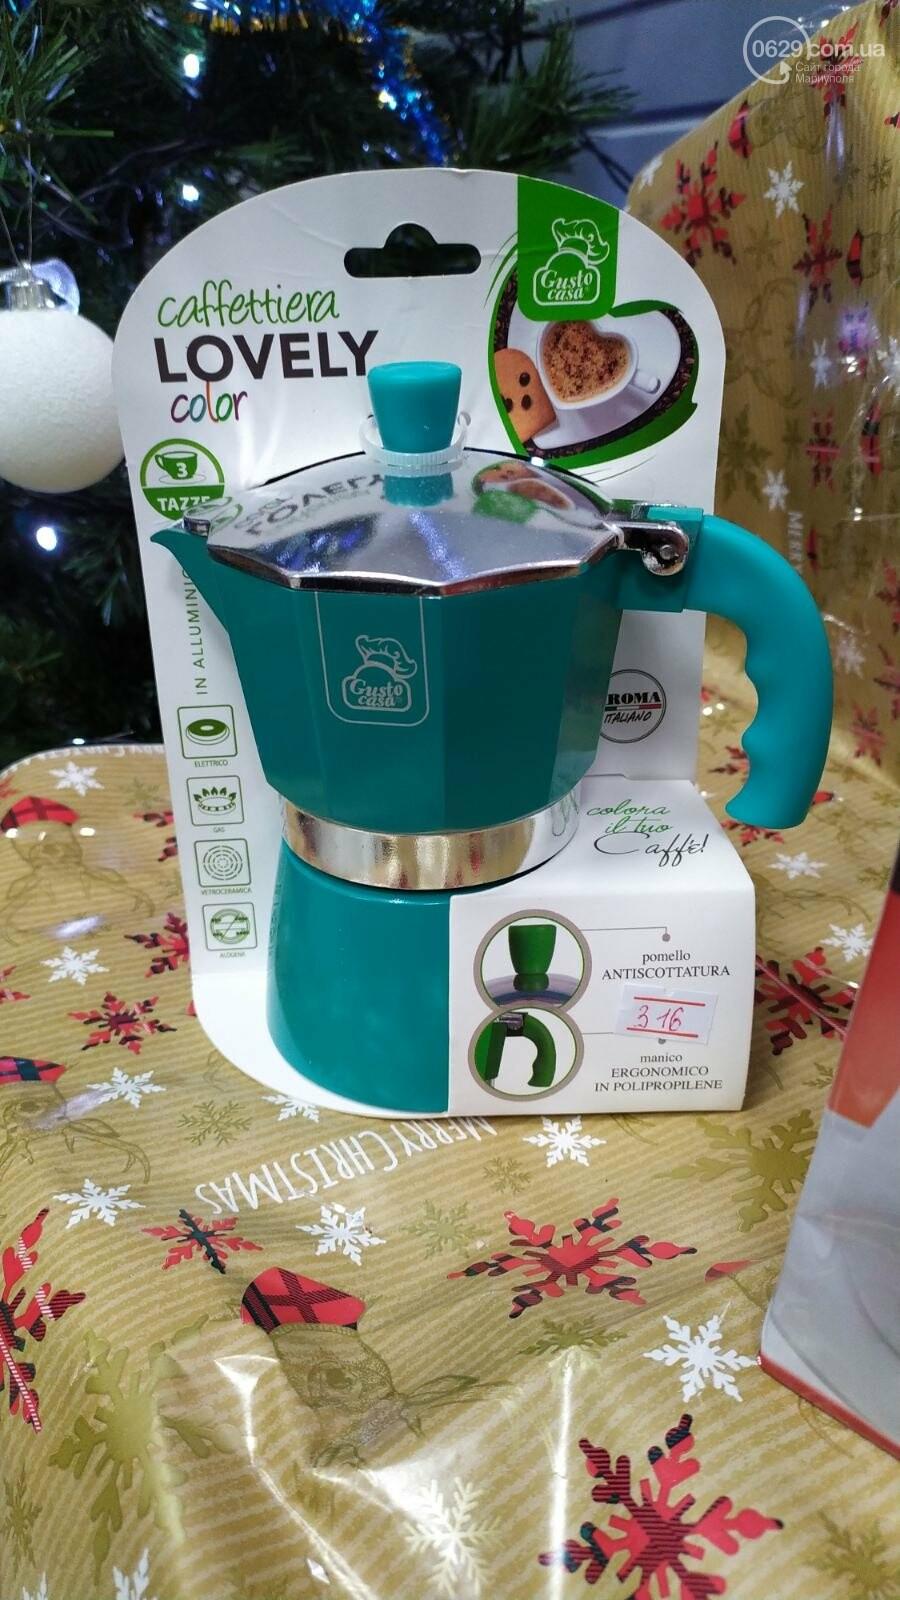 Маленький итальянский магазин Mirabella дарит подарки к Рождественскому столу, фото-7